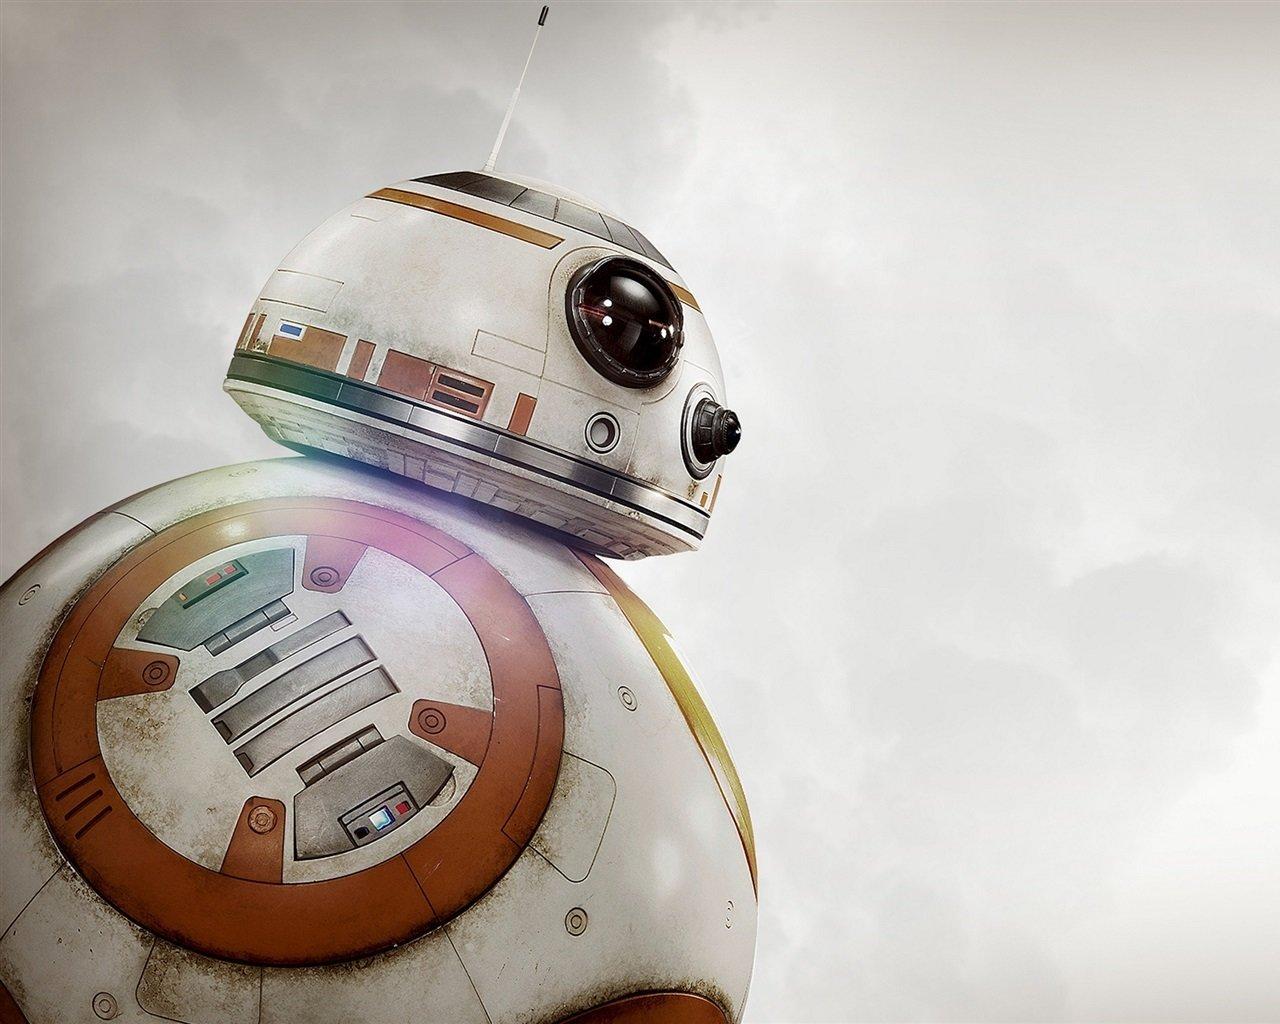 Los 14 mejores fondos de pantalla de Star Wars HD y 4K para teléfono y PC 12